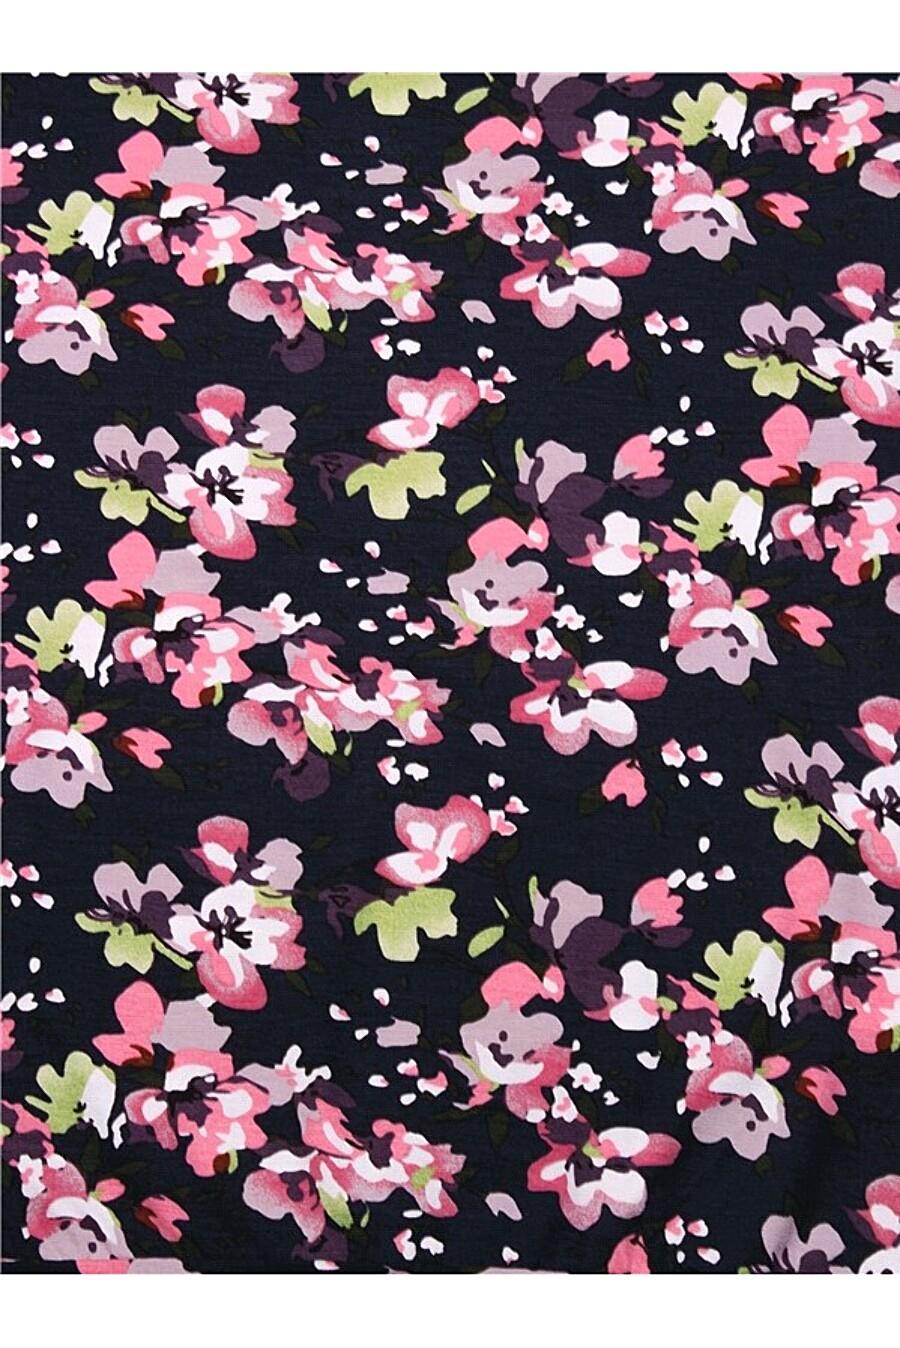 Блузка для женщин Archi 158205 купить оптом от производителя. Совместная покупка женской одежды в OptMoyo